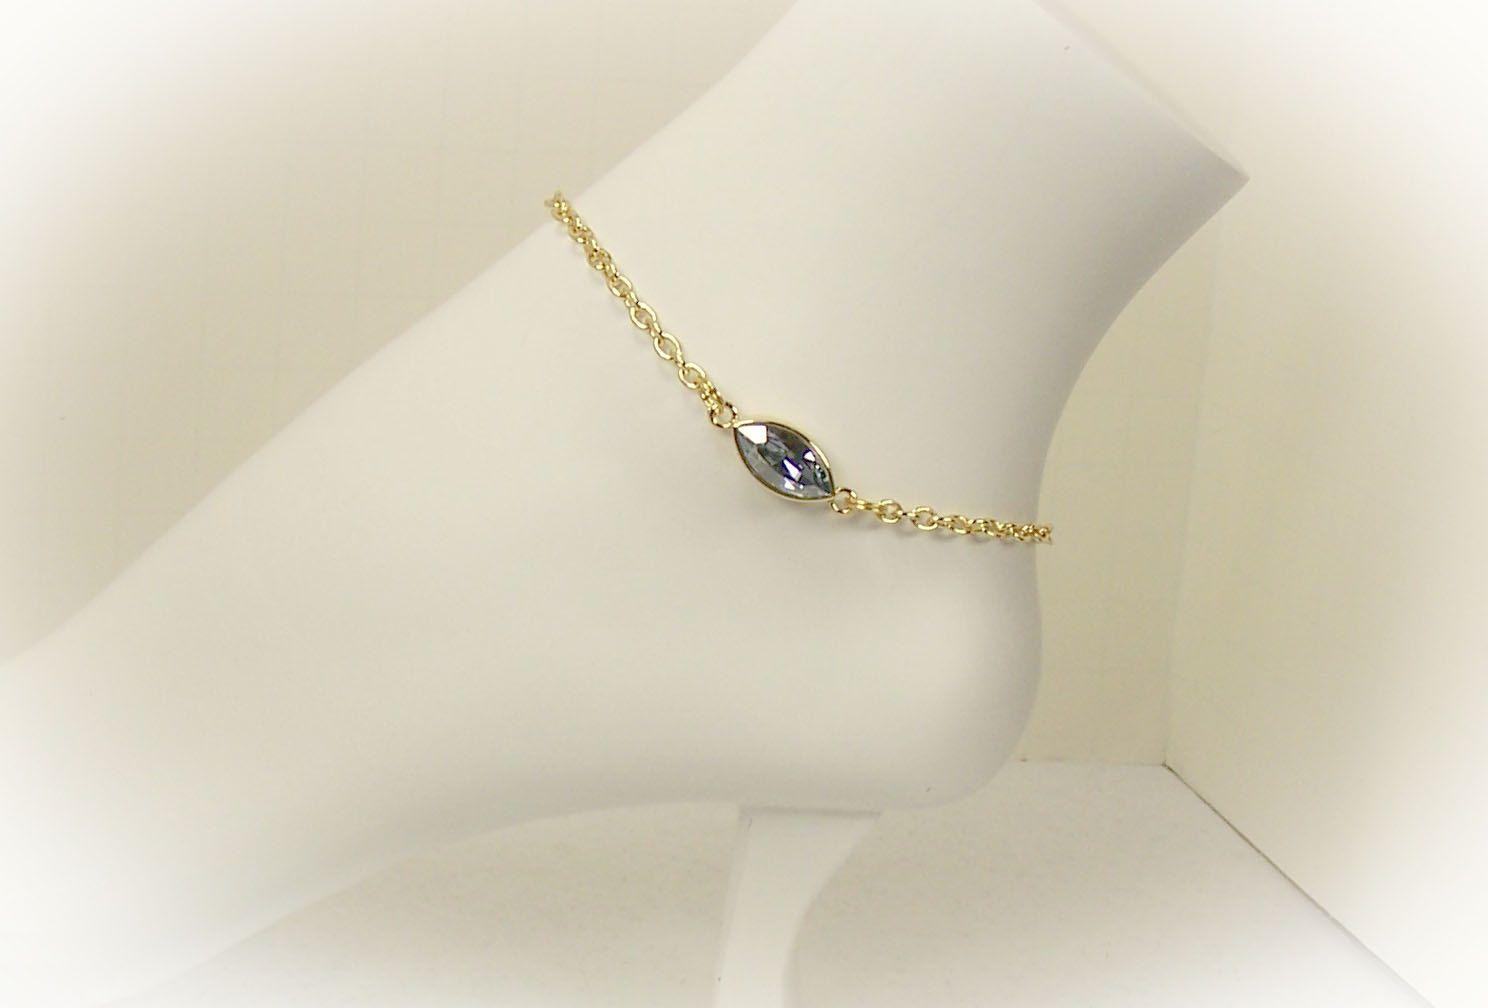 Crystal Anklet Ankle Bracelet Gold Anklet With Blue Shade Swarovski